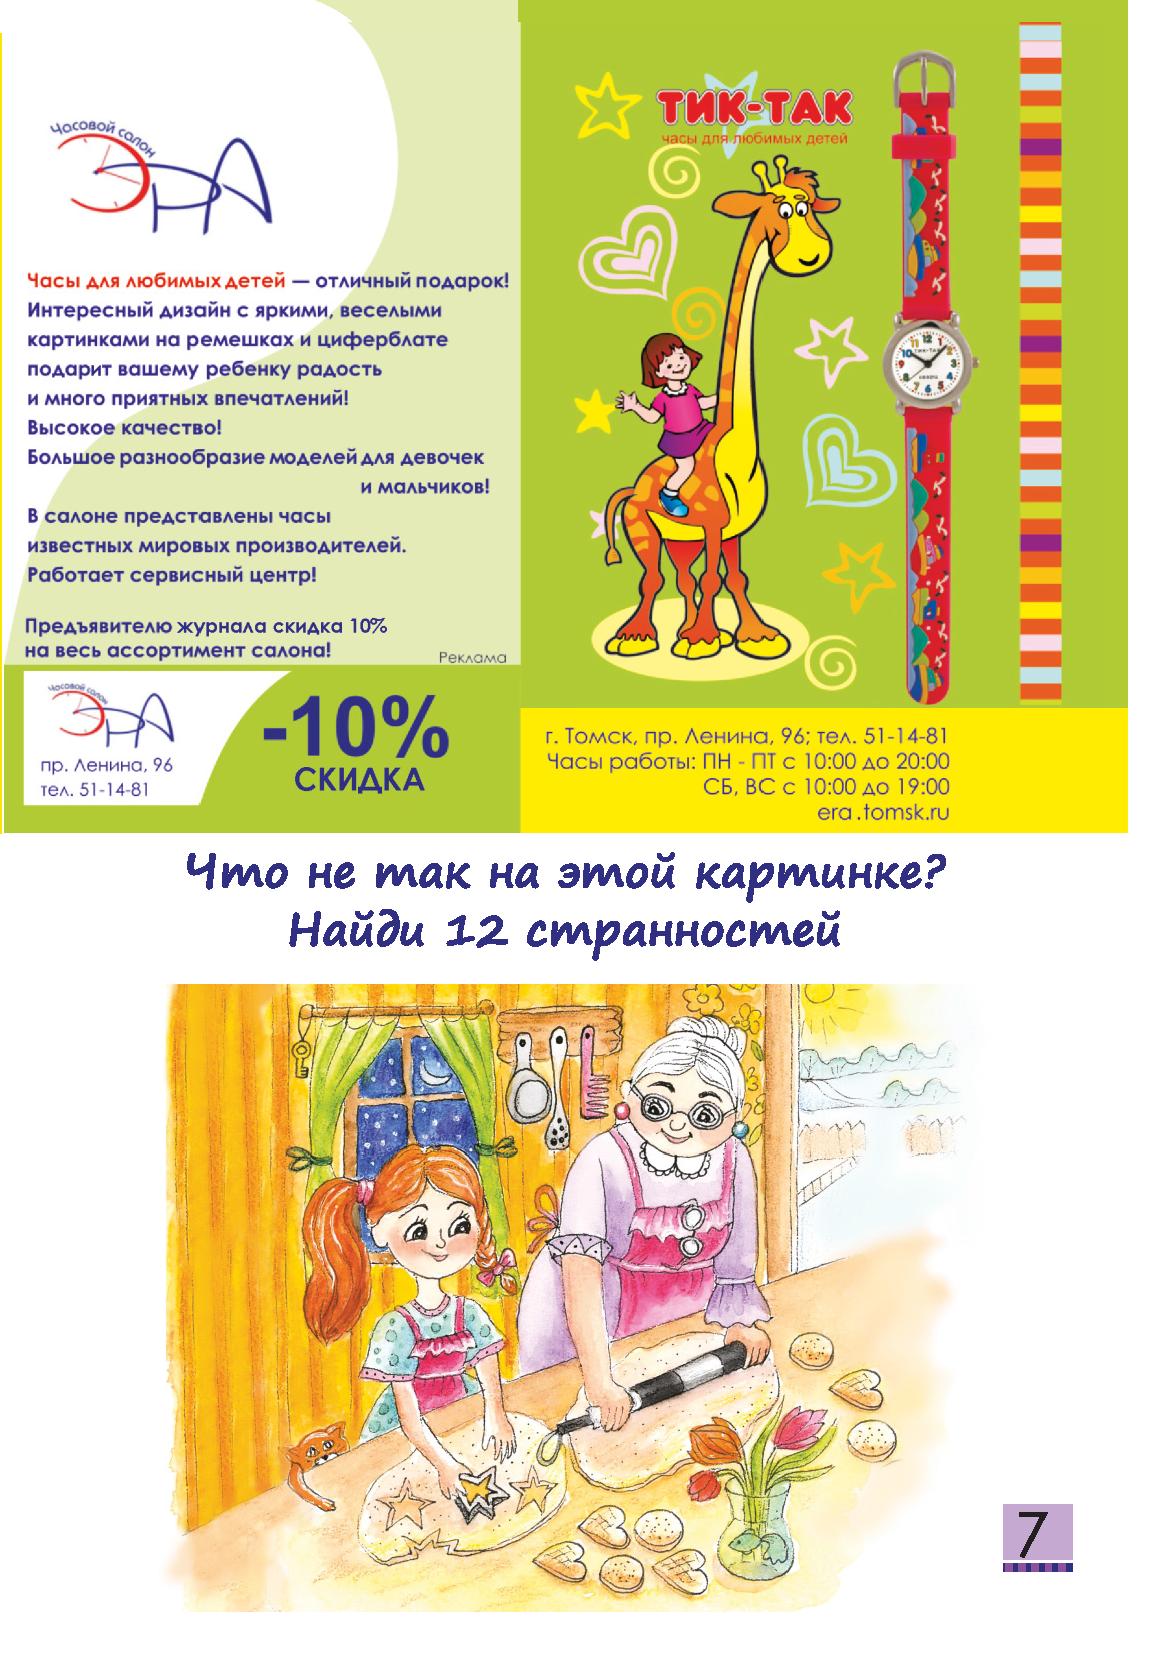 Детский журнал Енот - 2020.03 Страница 07